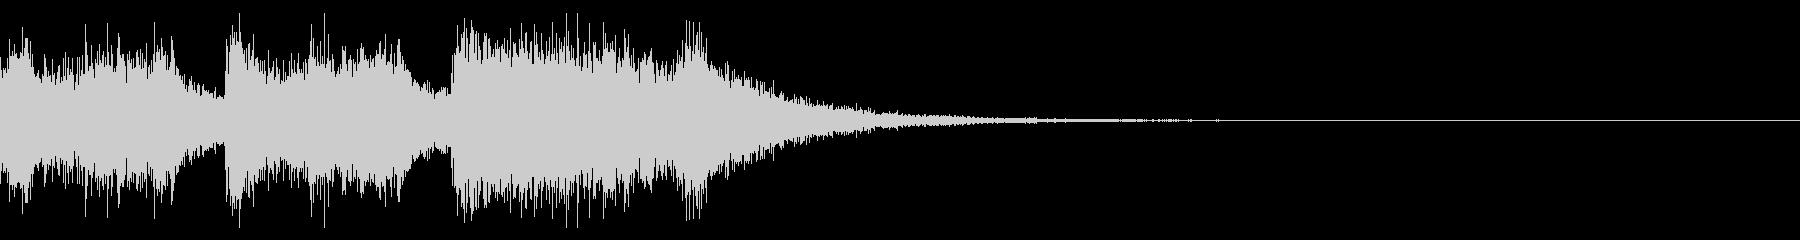 ファンファーレ_05の未再生の波形